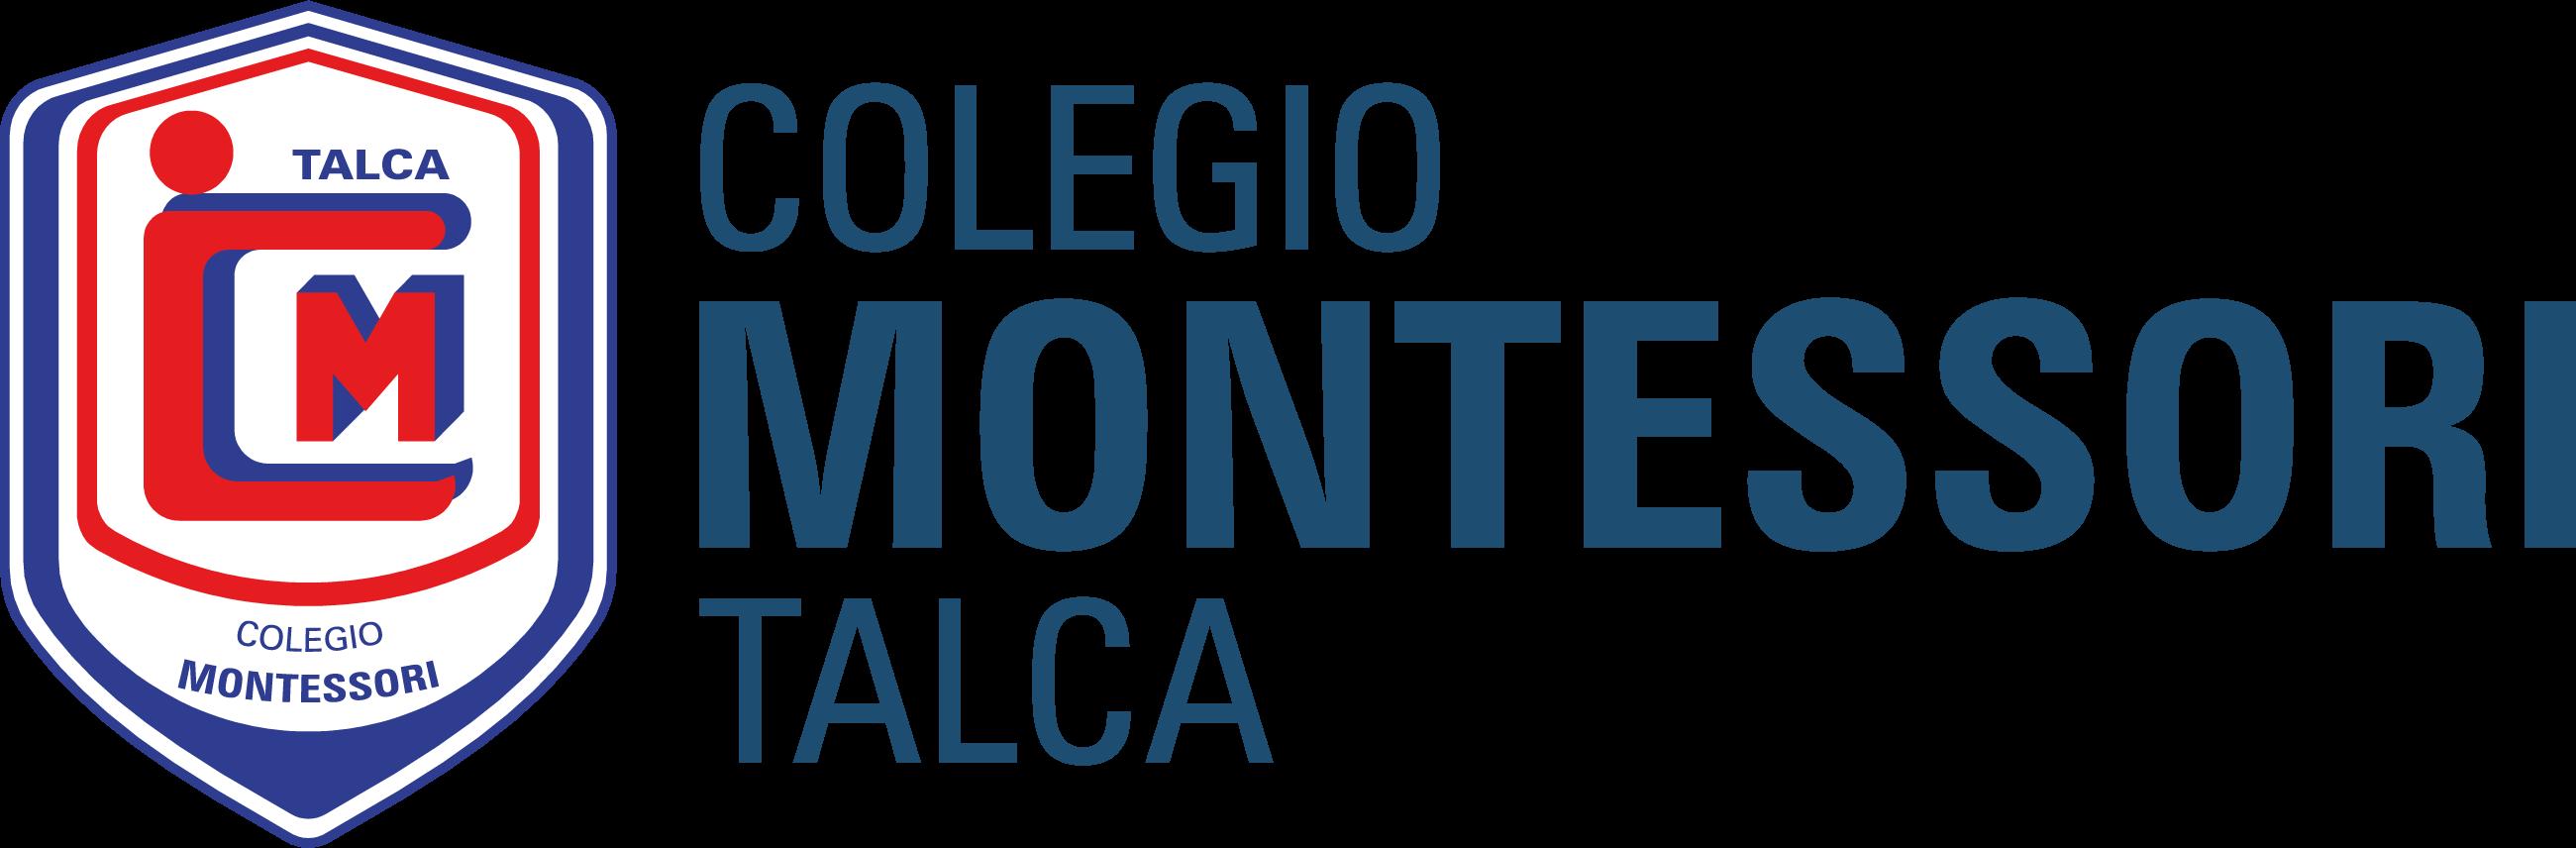 Colegio Montessori Talca